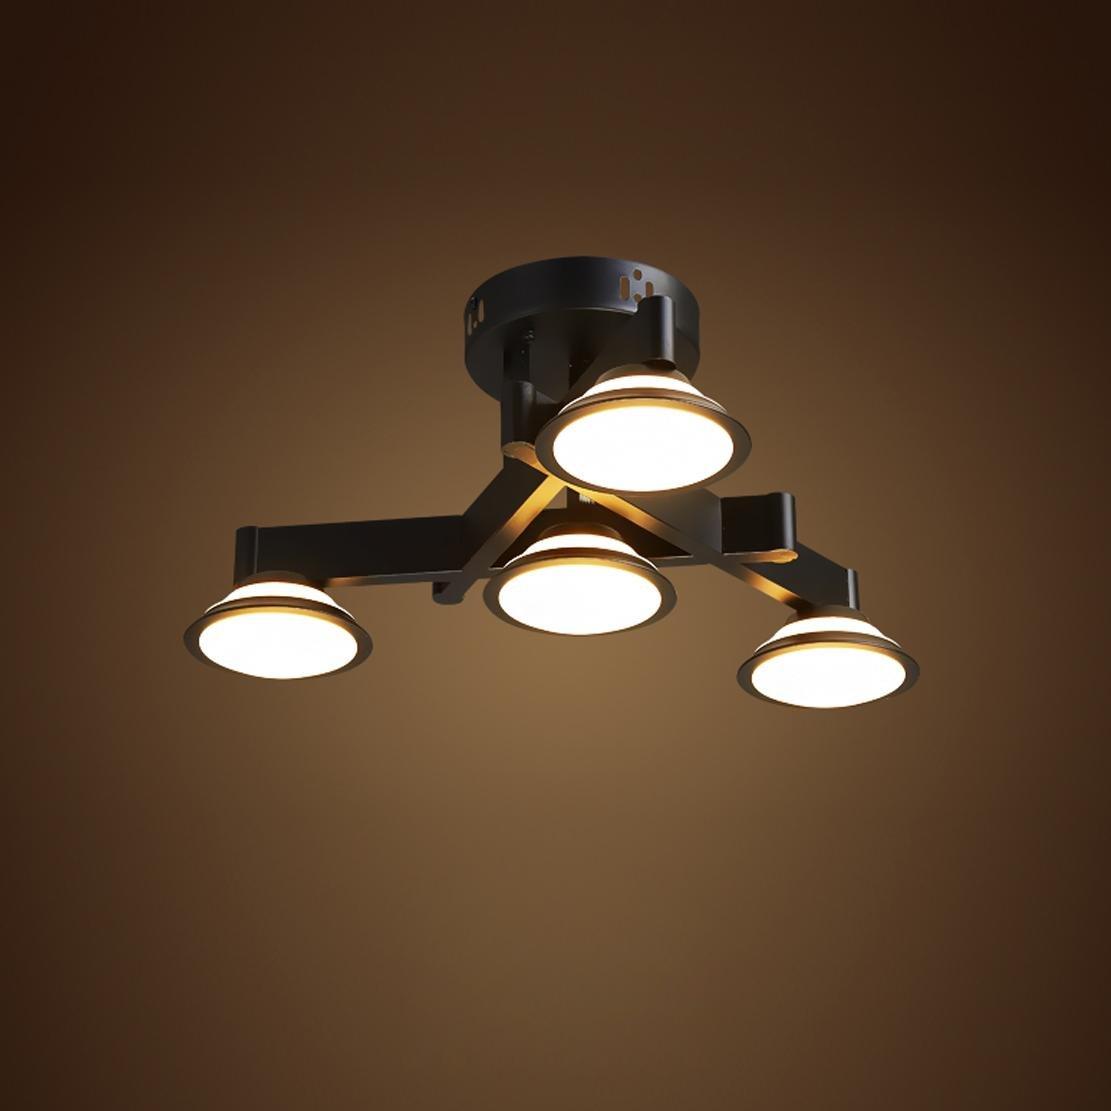 LED Deckenleuchte Industrielampe Vintage Design Deckenlampe Innen Decor Decke Beleuchtung Retro Metall Deckenstrahler Kronleuchter Schlafzimmer WohnzimmerLeuchte Esstischleuchte Dimmbar 4X 3W Leuchter